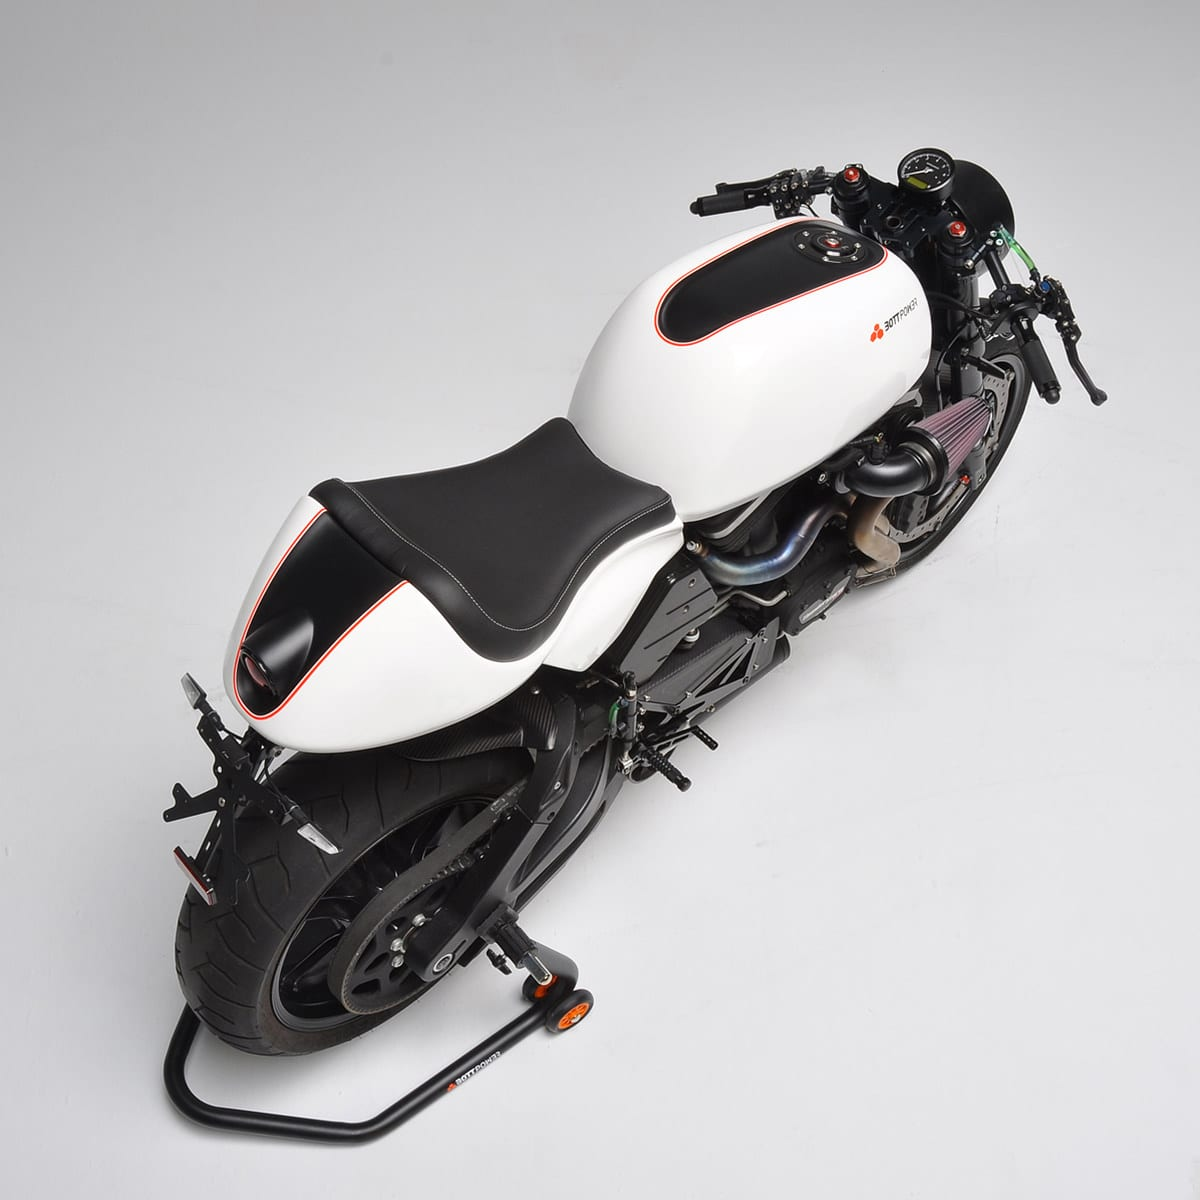 bottpower-xc1-cafe-racer-2